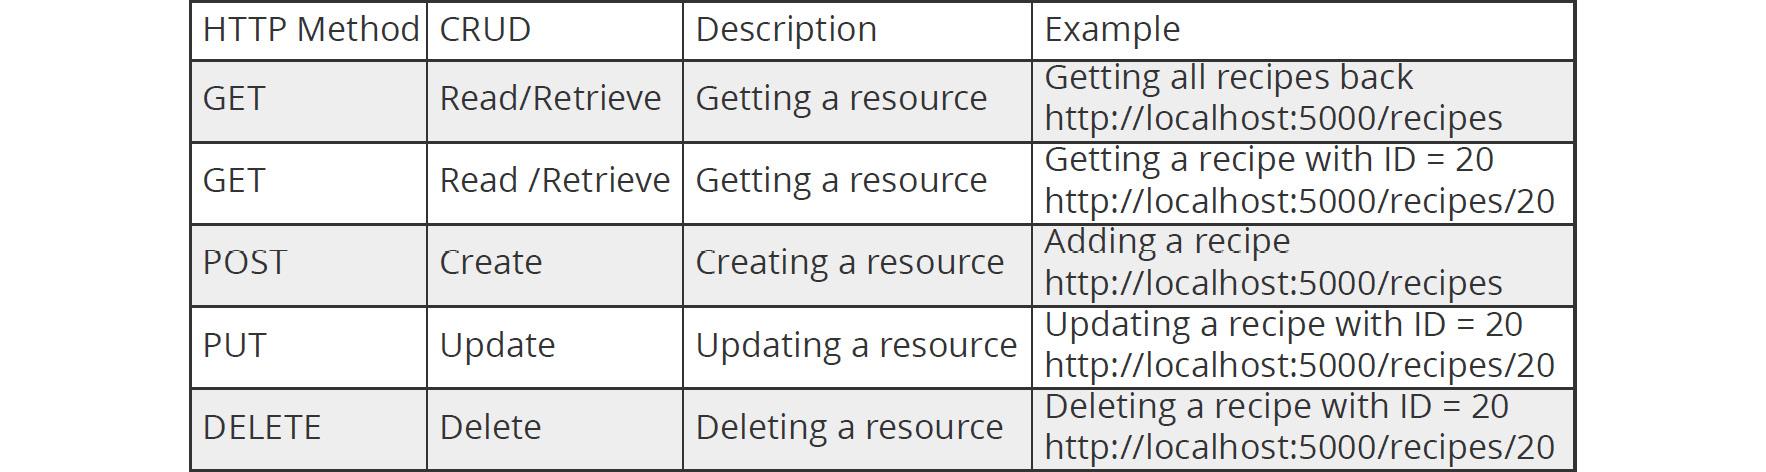 Figure 1.2: HTTP methods